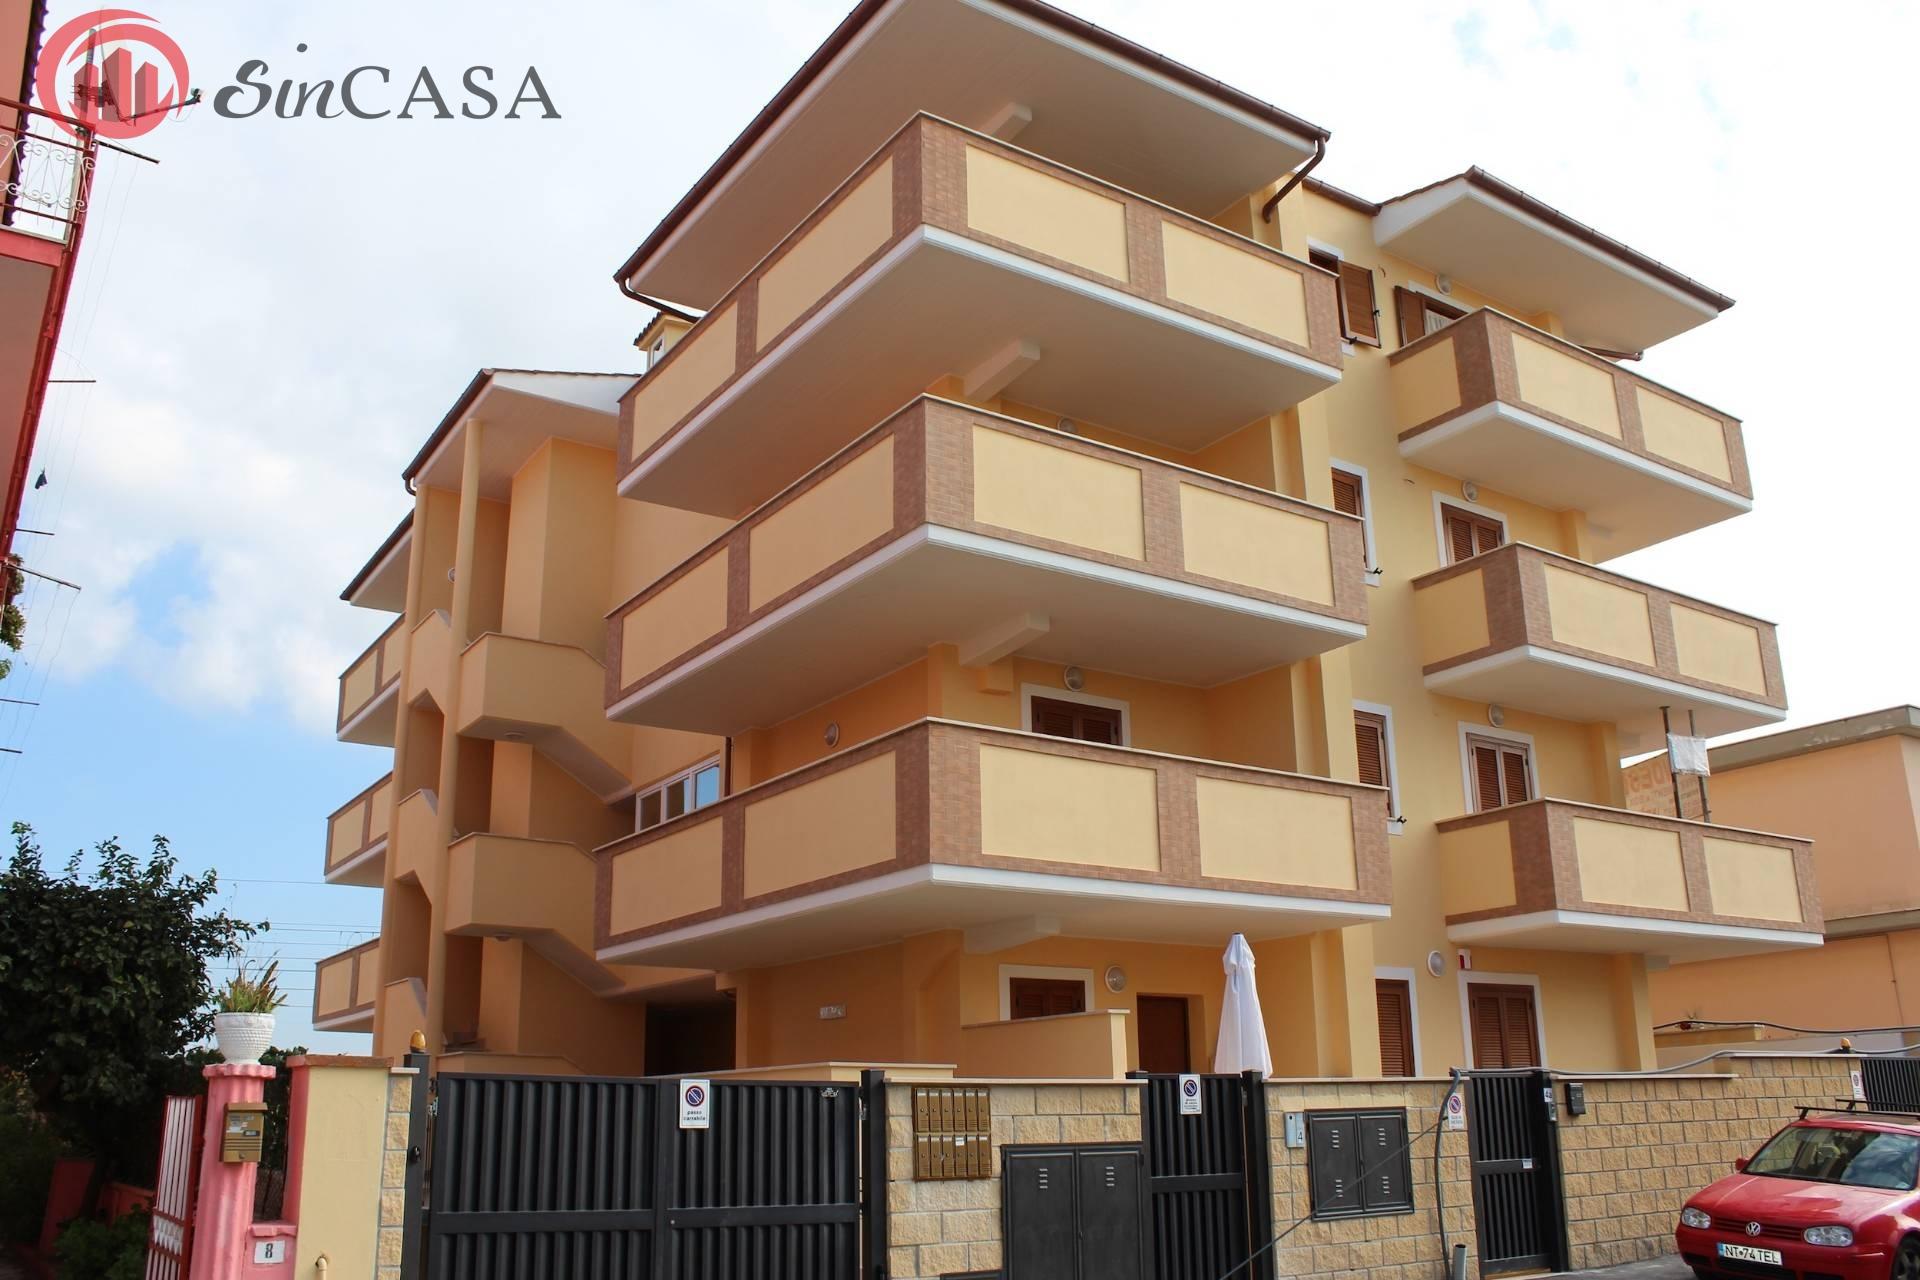 Appartamento in vendita a Ladispoli, 3 locali, zona Località: ladispolicentro, prezzo € 160.000 | CambioCasa.it